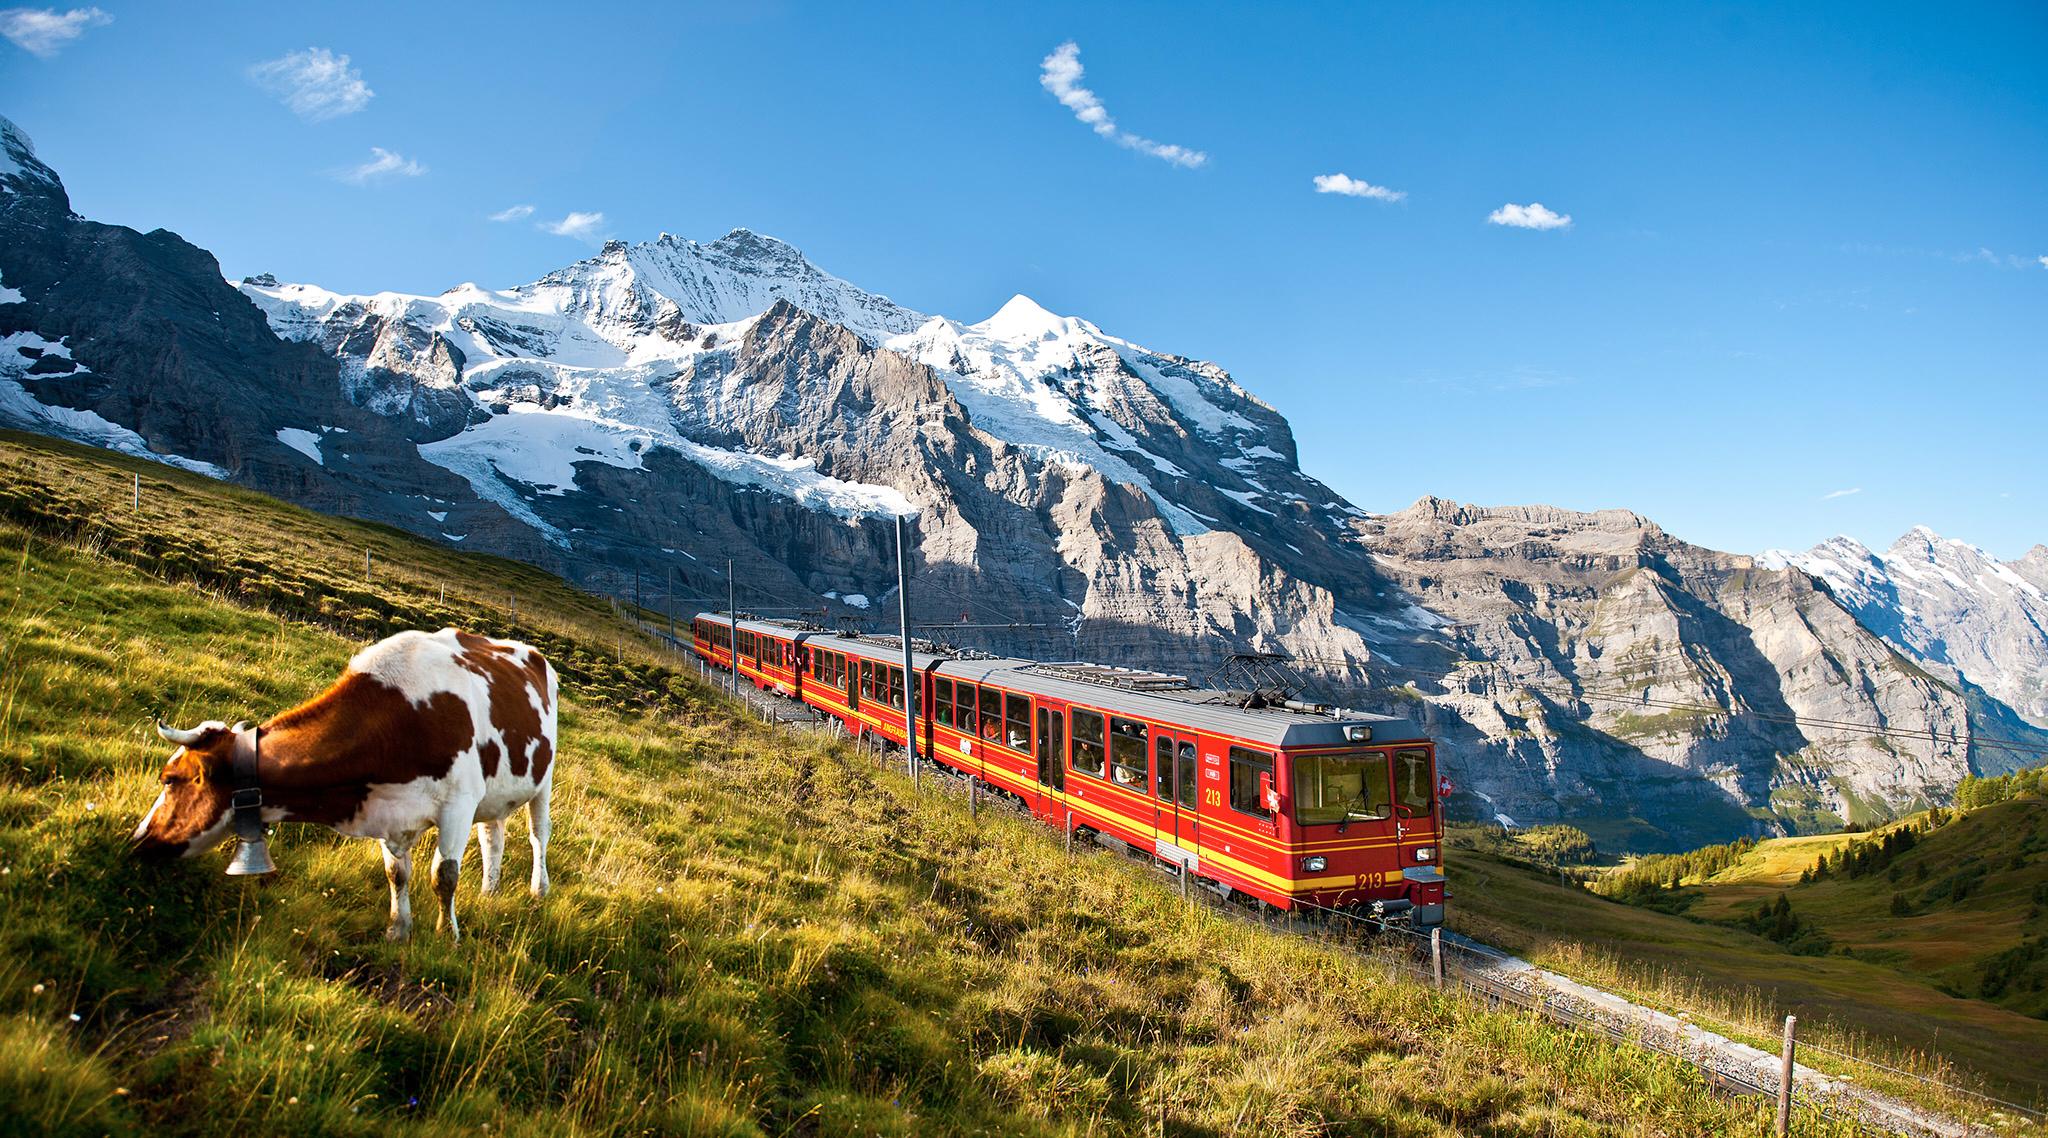 漫游瑞士,感受童话般的国度